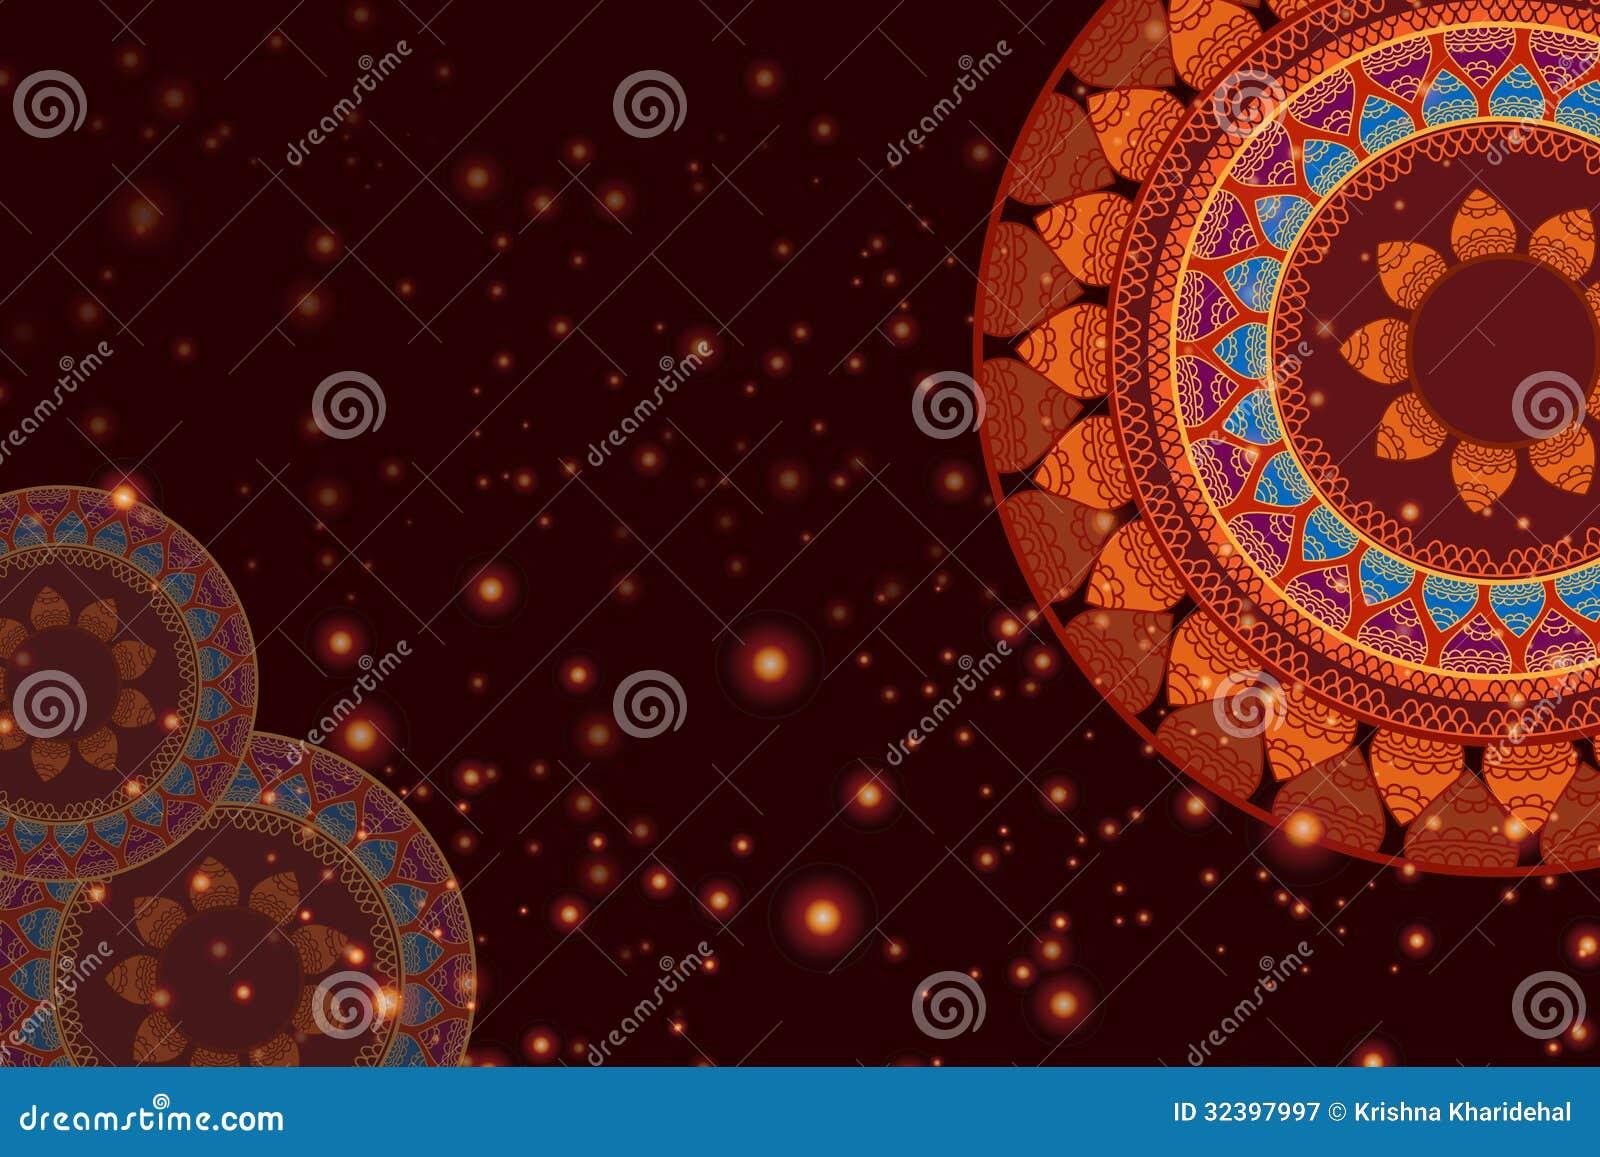 Colour Henna Mandala Background Royalty Free Stock Photography  Image 32397997